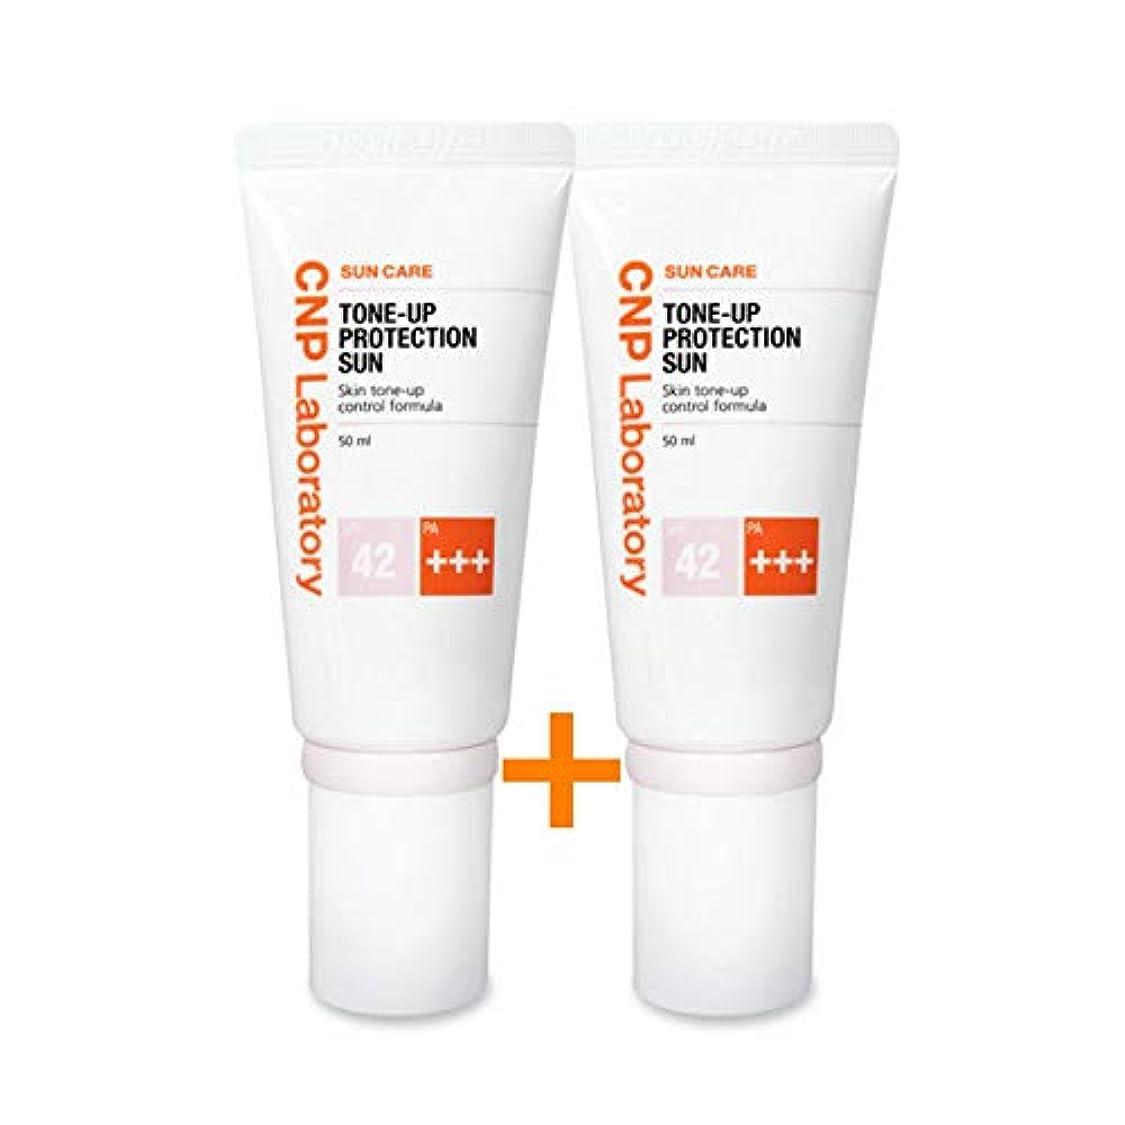 エゴマニアもつれ逃れる[ 1 + 1 ] CNPトンオププロテクションサン?クリーム紫外線遮断剤 (SPF42 / PA+++) 50ml、CNP Tone-up Protection Sun Cream (SPF42 / PA+++) 50ml...